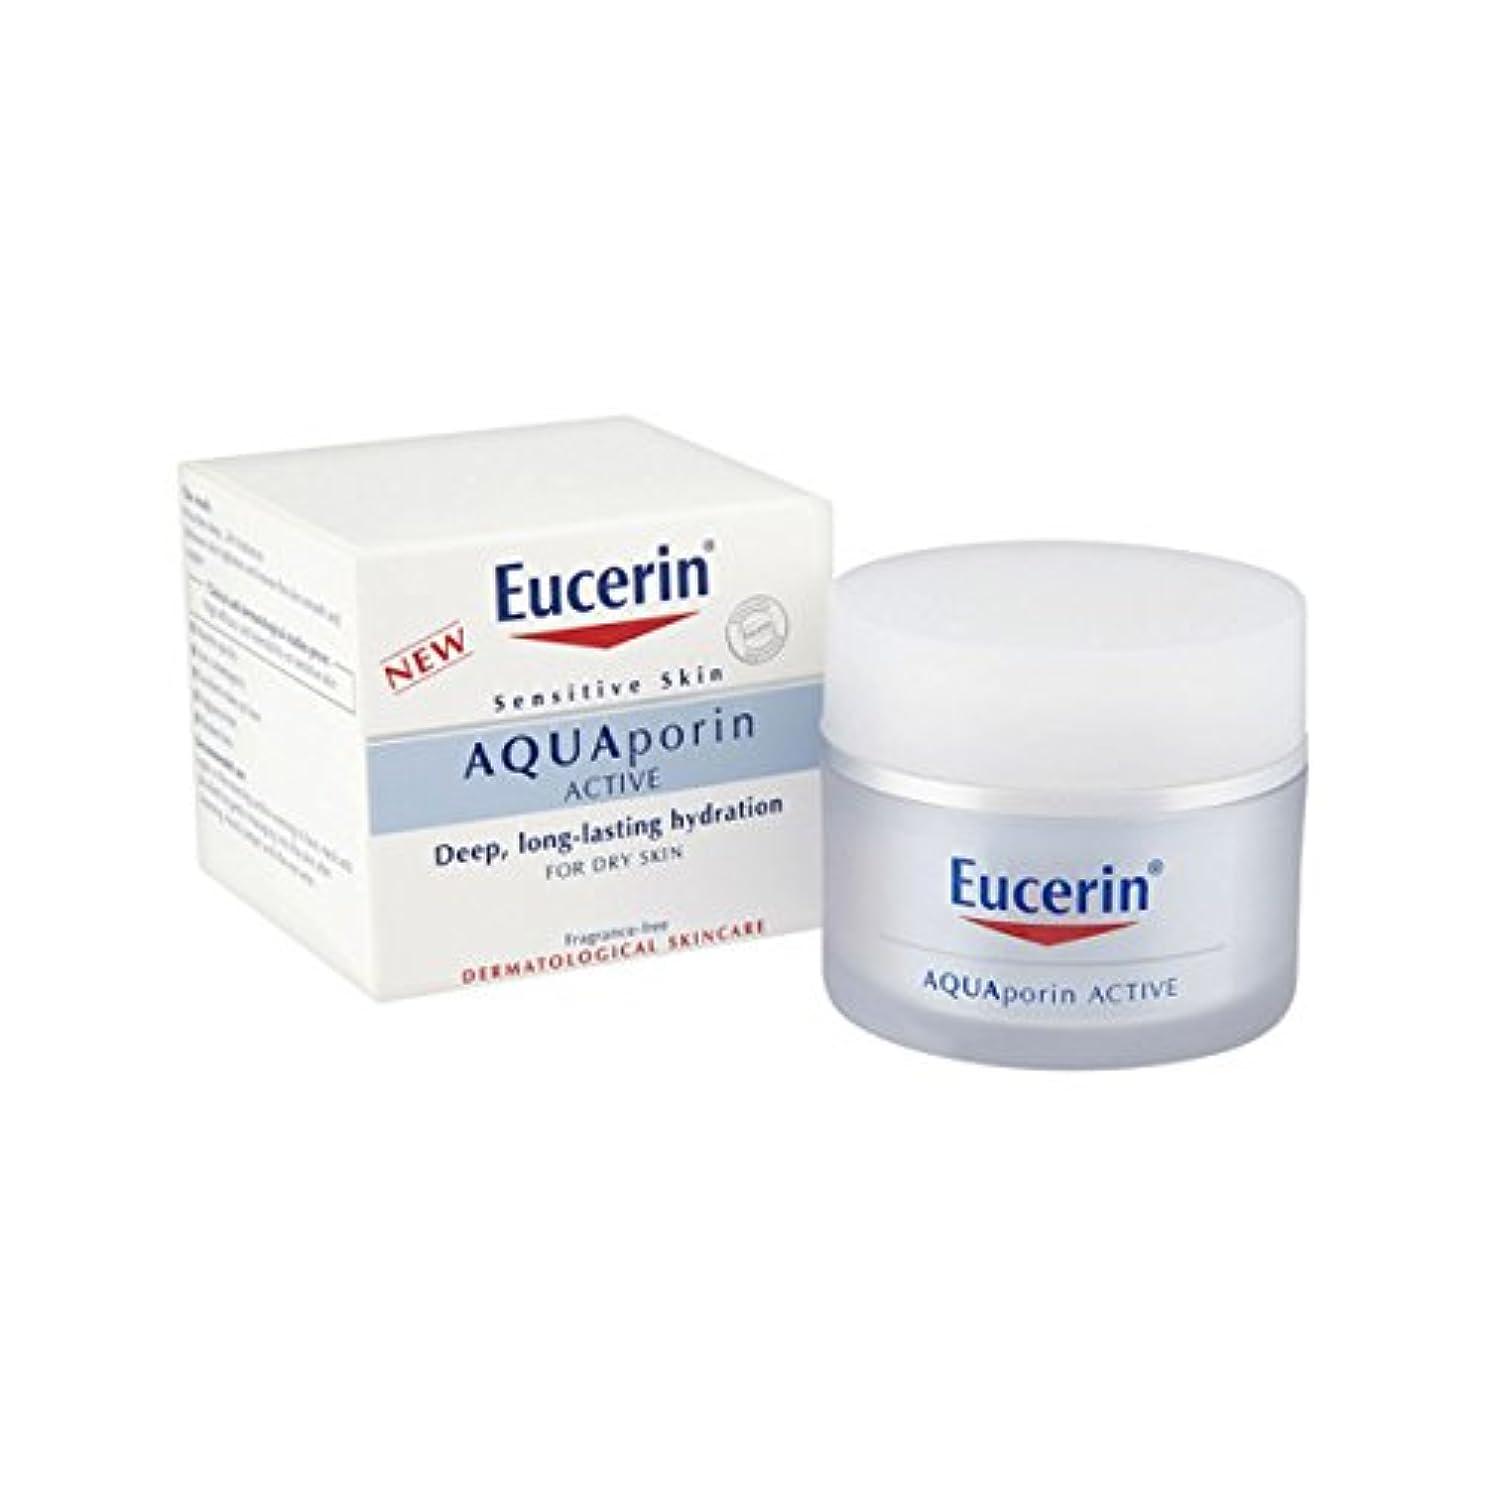 ジュニア担当者石Eucerin Aquaporin Active Dry Skin 50ml [並行輸入品]